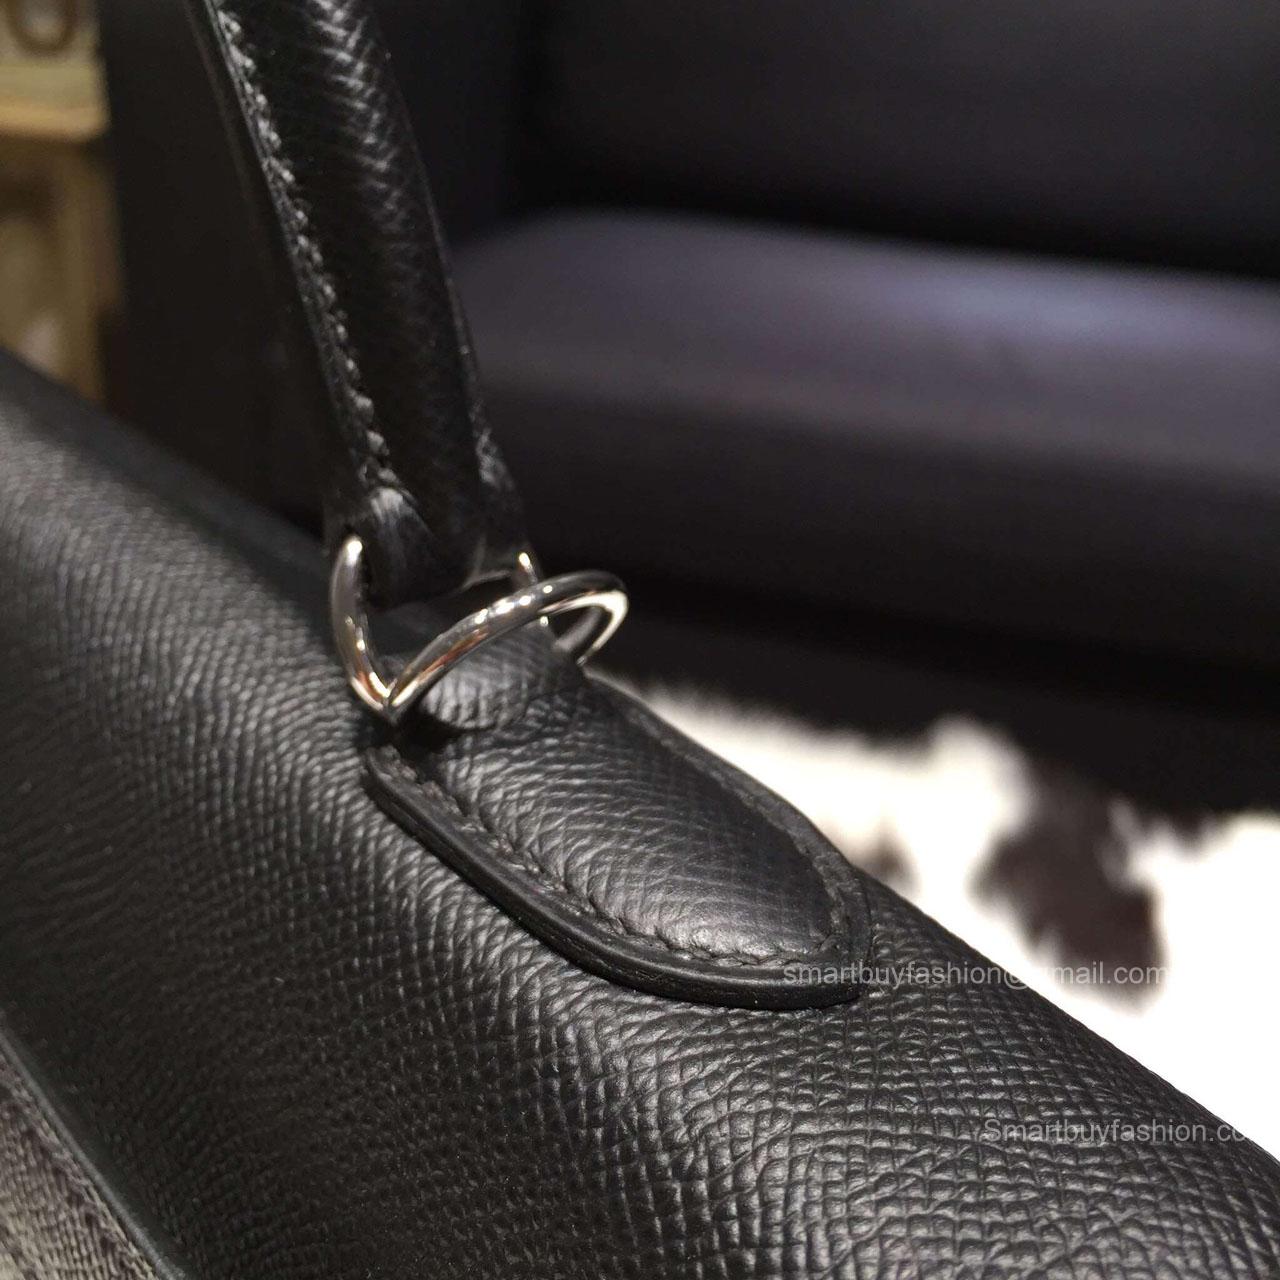 31bfa454b984 ... Hermes Kelly 35 Bag Black Epsom Leather Handstitched Silver hw ...